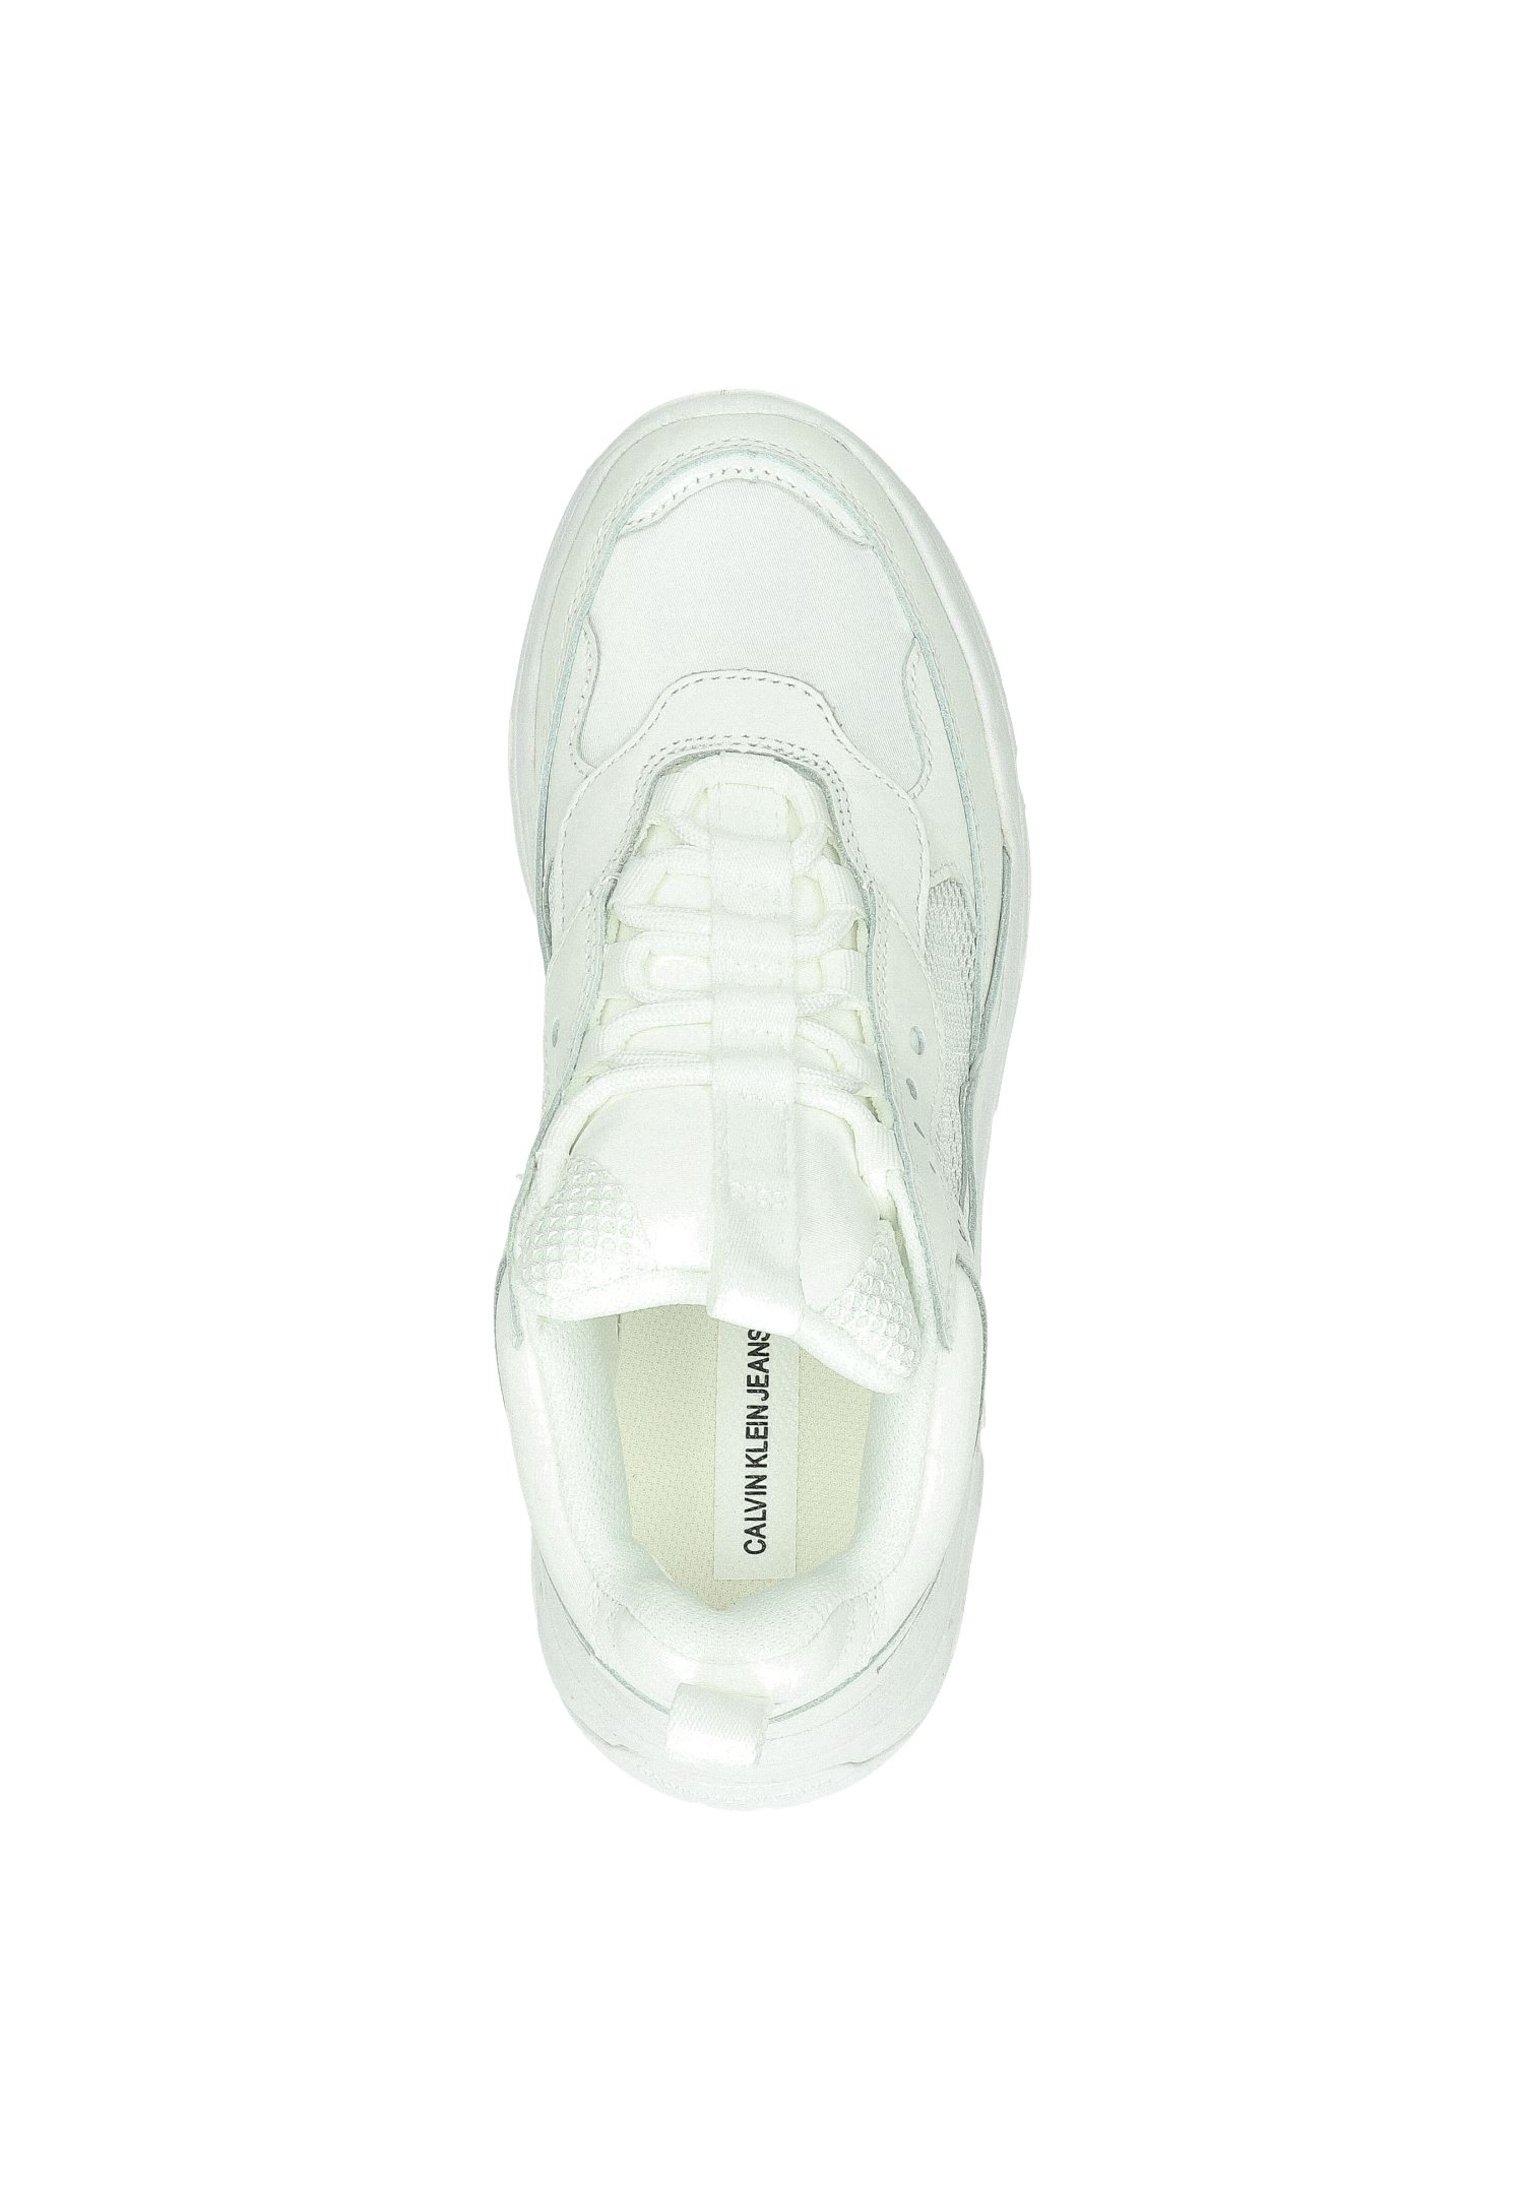 Calvin Klein Sneakers Laag - Wit Goedkope Schoenen